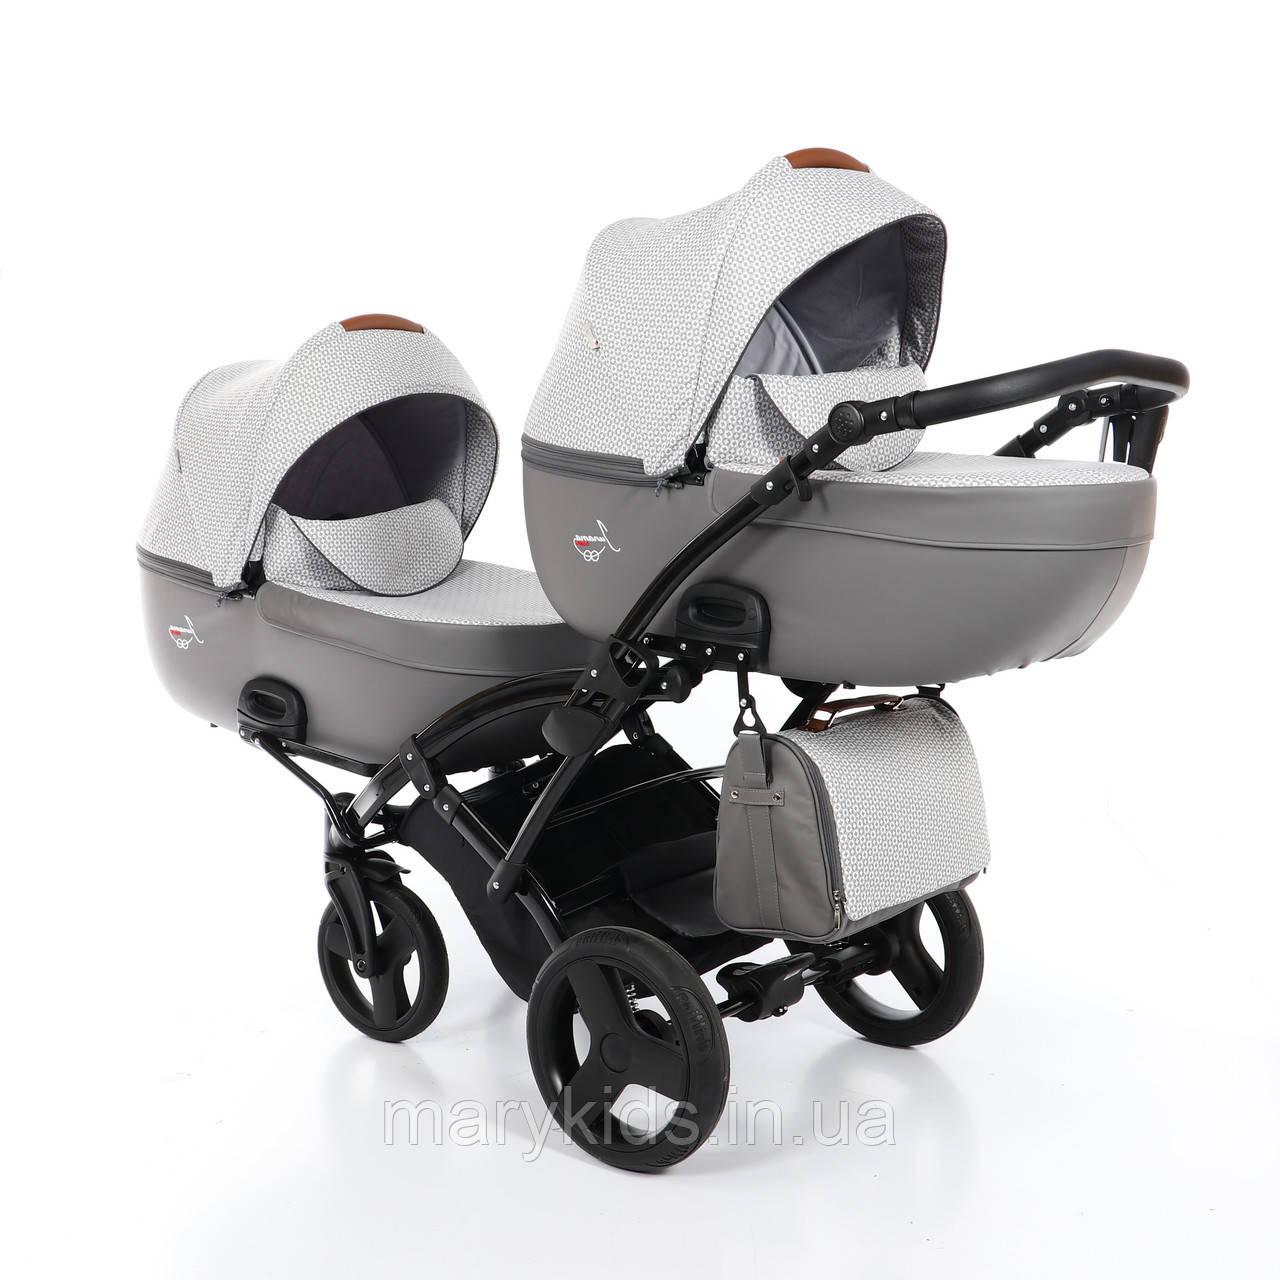 Детская универсальная коляска для двойни Junama Madena Duo Slim